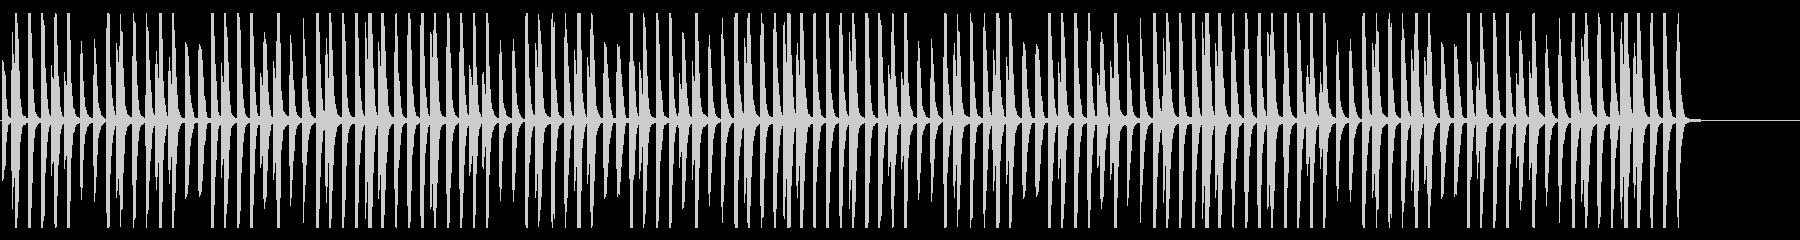 ほのぼの日常系の明るいピアノの未再生の波形